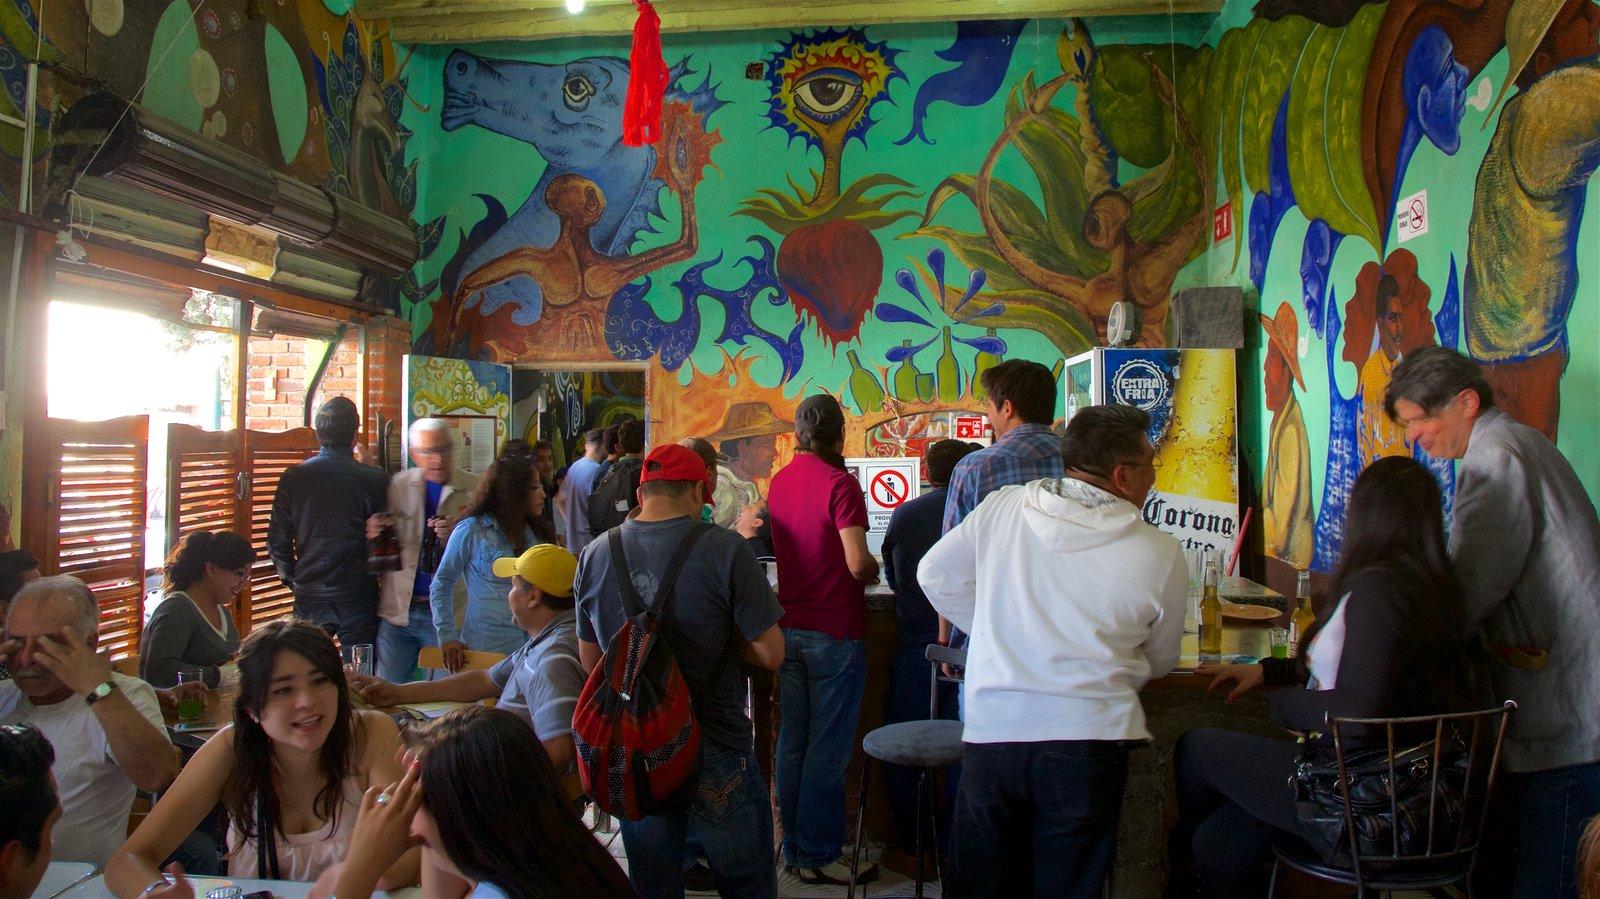 Metepec mostrando vistas interiores y arte y también un pequeño grupo de personas